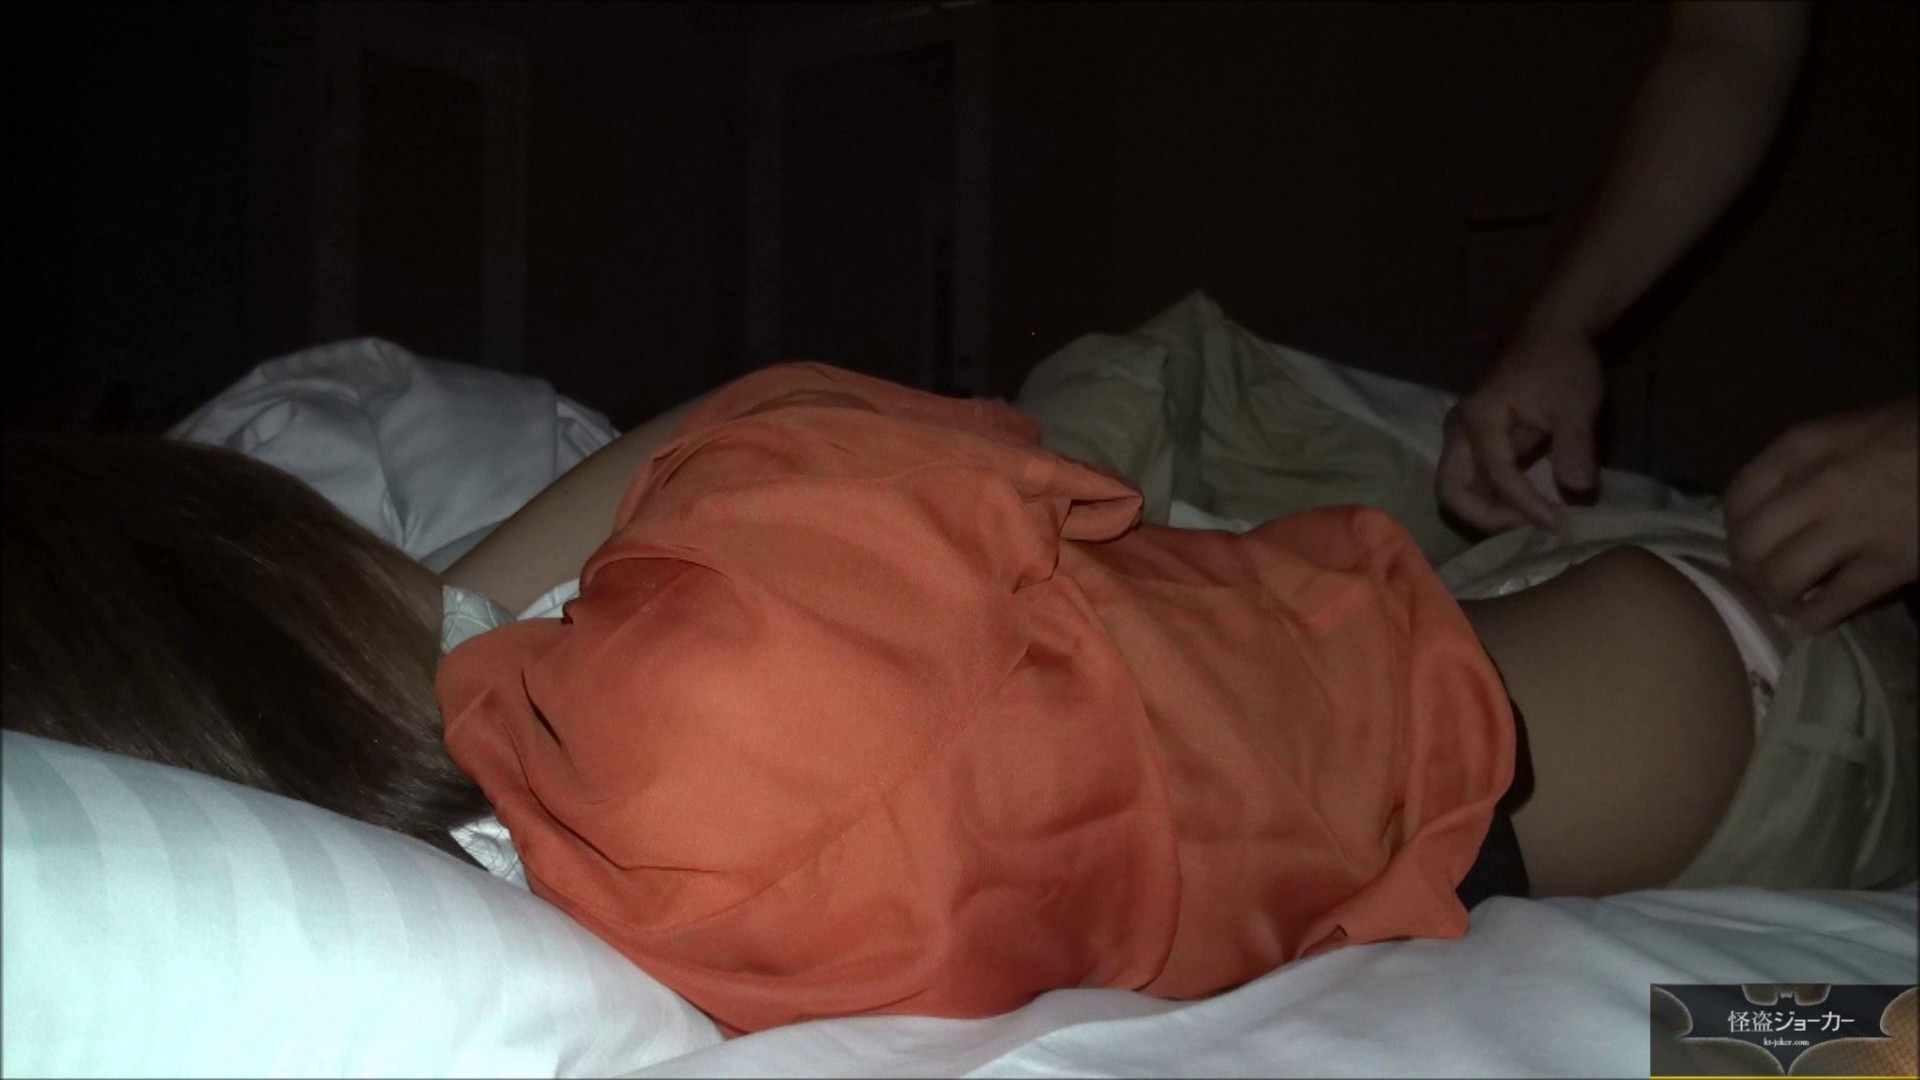 【未公開】vol.69{BLENDA系美女&黒ギャル}UA・Mちゃん2人とホテル 友人・知人 オマンコ動画キャプチャ 85枚 53